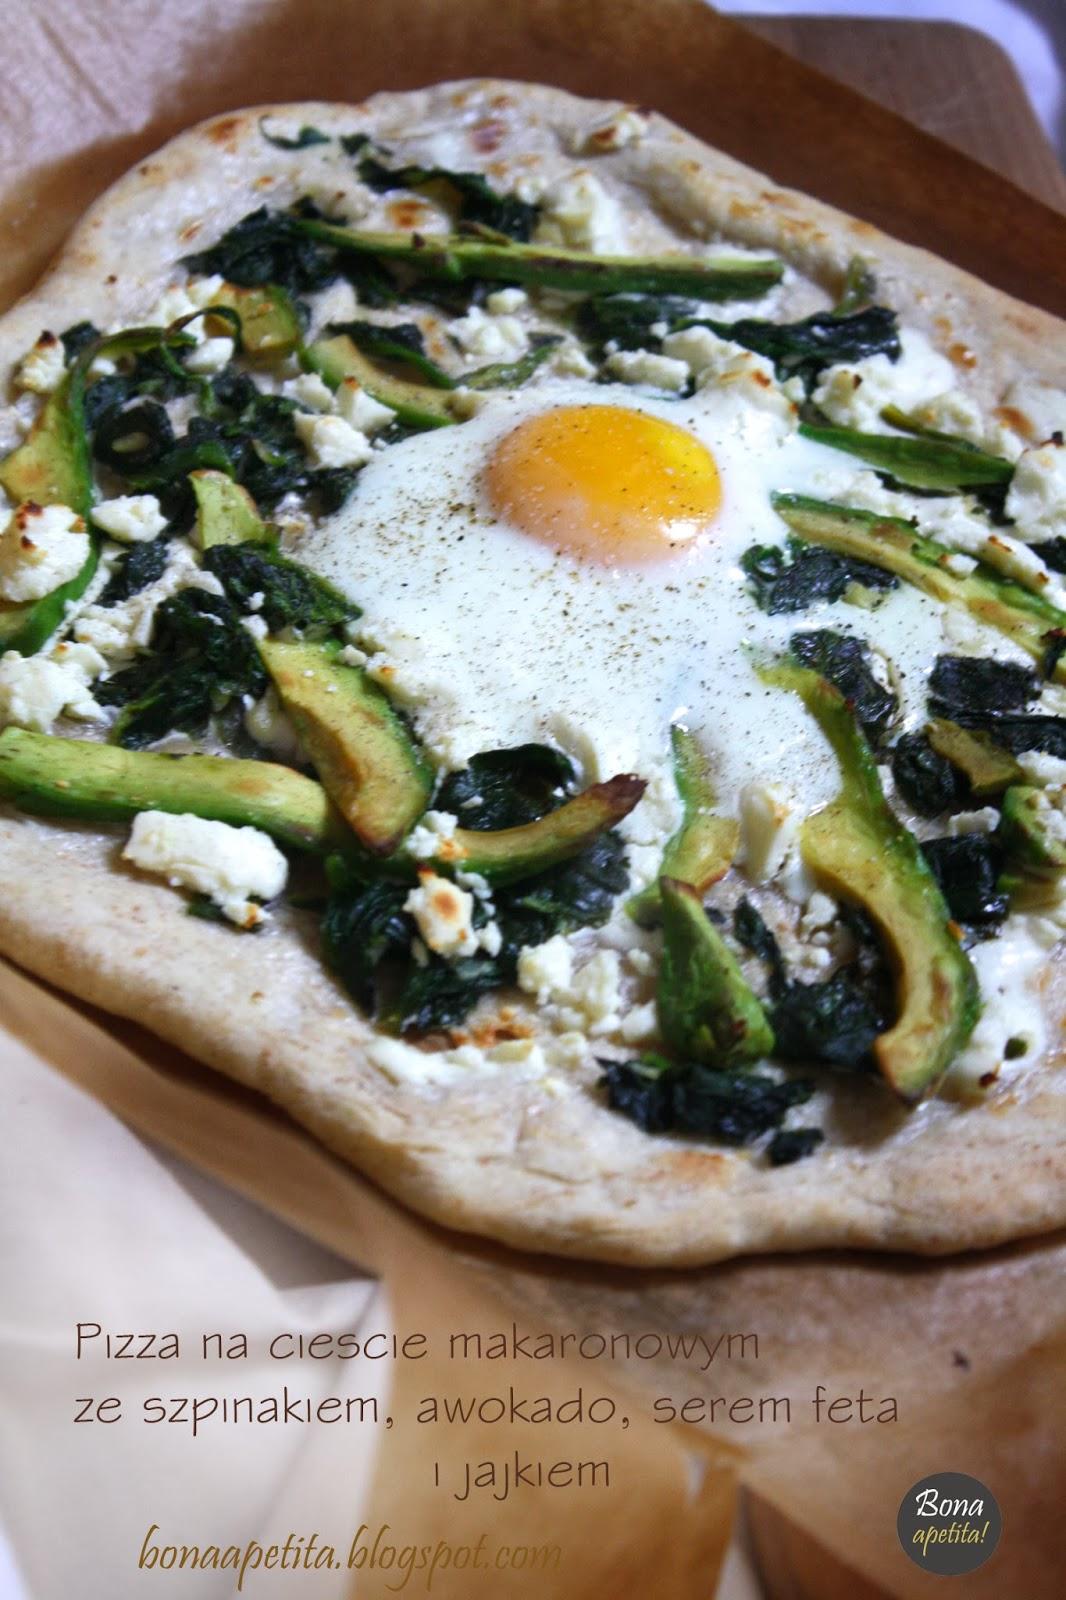 Pizza na cieście makaronowym ze szpinakiem, awokado, serem feta i jajkiem!